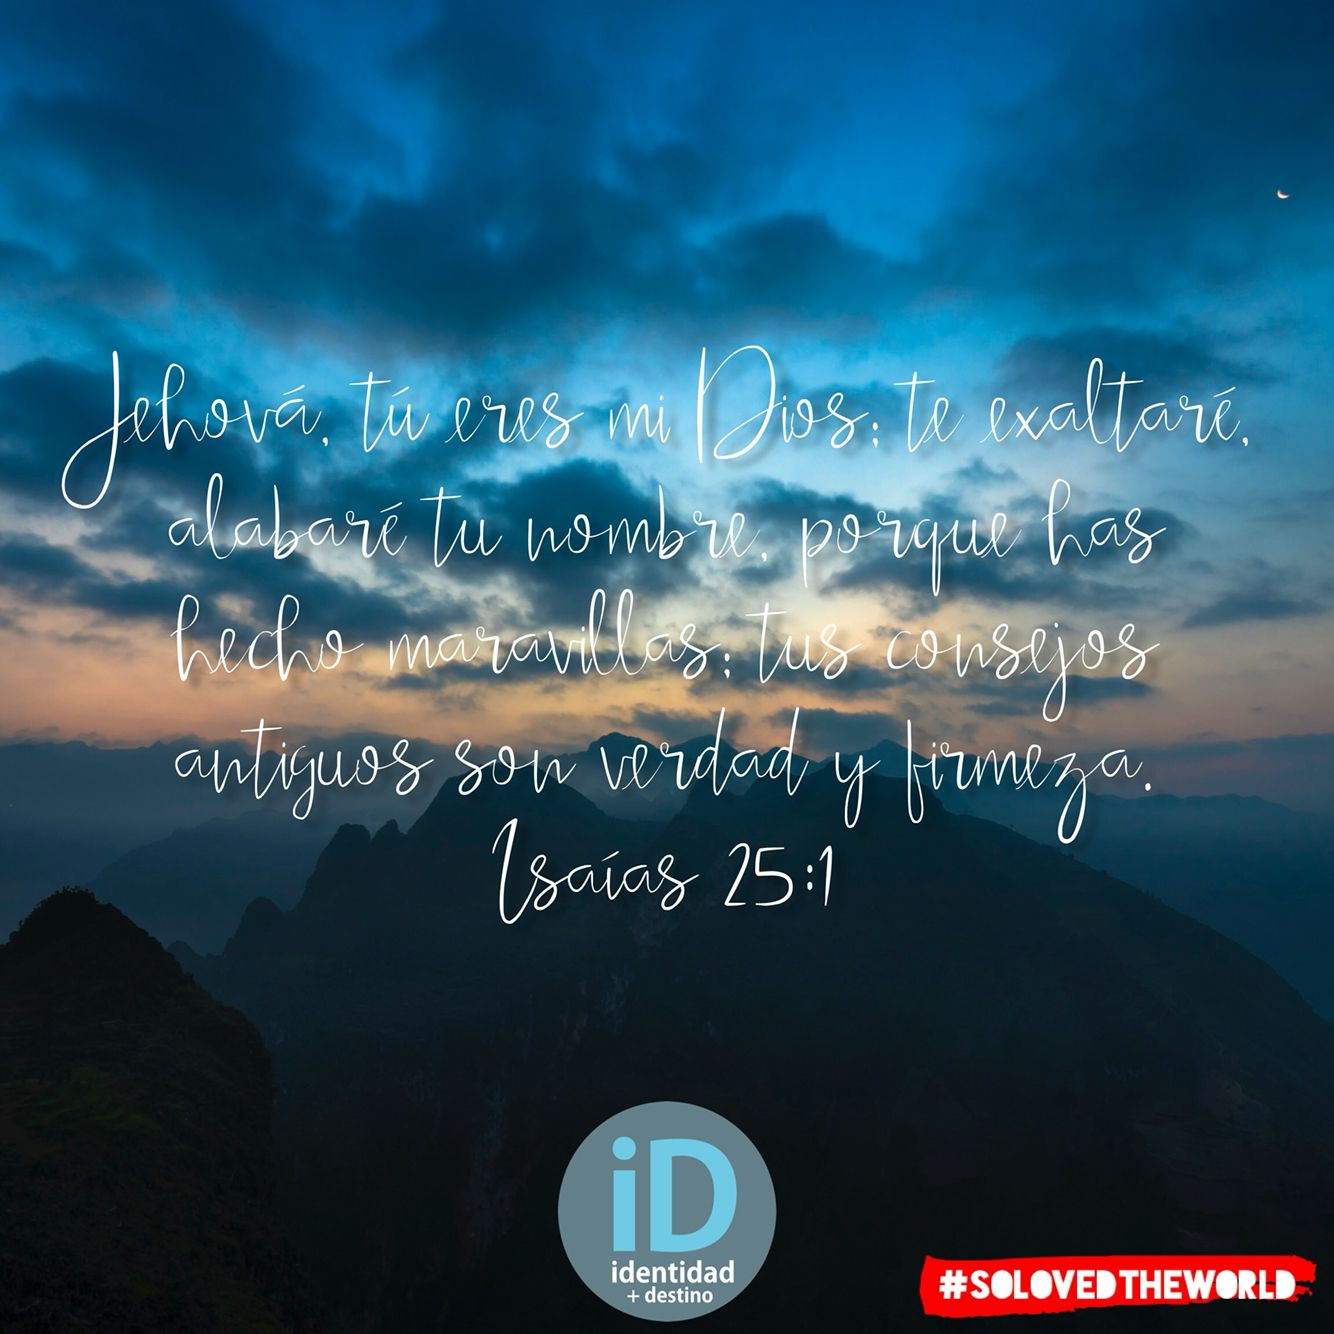 Jehová, tú eres mi Dios; te exaltaré, alabaré tu nombre, porque has hecho maravillas; tus consejos antiguos son verdad y firmeza. Isaías 25:1 #Jesus #God #HolySpirit #Gospel #Bible #Love #Ideas #solovedtheworld